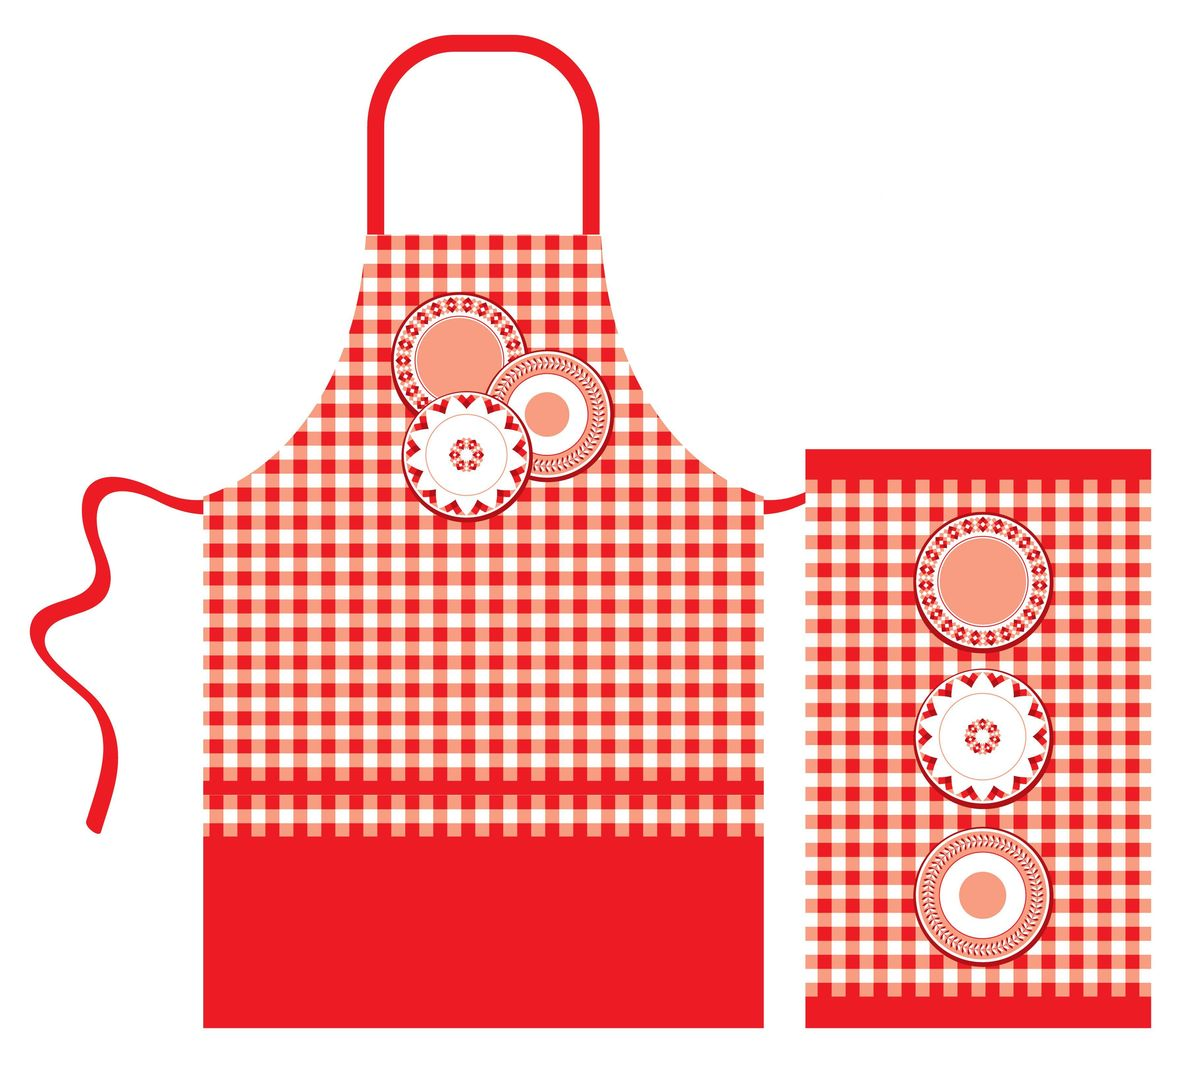 Набор кухонного текстиля Home Queen Red kitchen: фартук, полотенце115510Набор кухонного текстиля Home Queen Red kitchen, состоящий из фартука и полотенца, выполнен из 100% хлопка и украшен ярким клетчатым принтом и изображением тарелок.Фартук на завязках вокруг талии. Такой набор украсит интерьер вашей кухни и внесет яркую ноту в повседневные заботы.